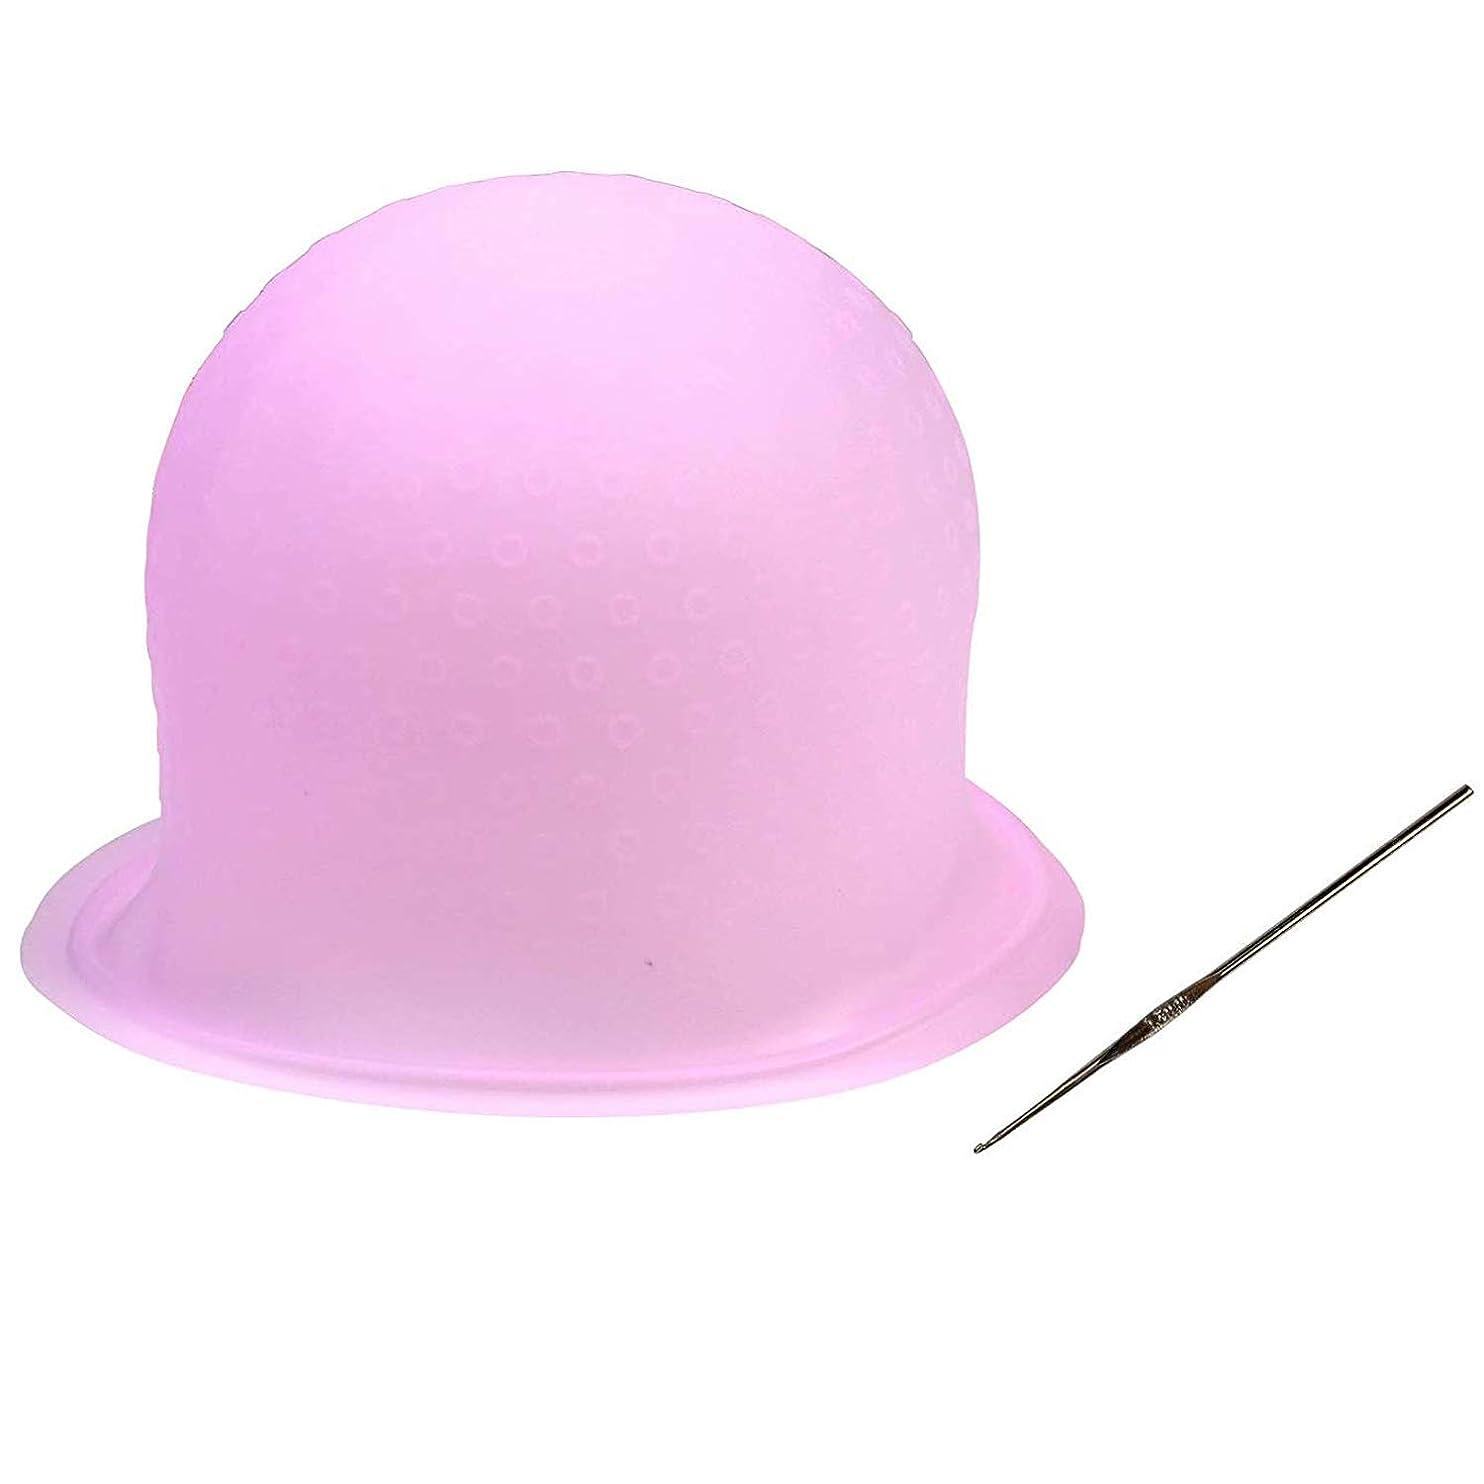 小麦コースニンニク毛染めキャップ 洗って使える ヘアカラー メッシュ シリコン ヘア キャップ(かぎ針付き) 再利用可能 染め専用 ボンネット 部分染め 自宅 DIY (ピンク)